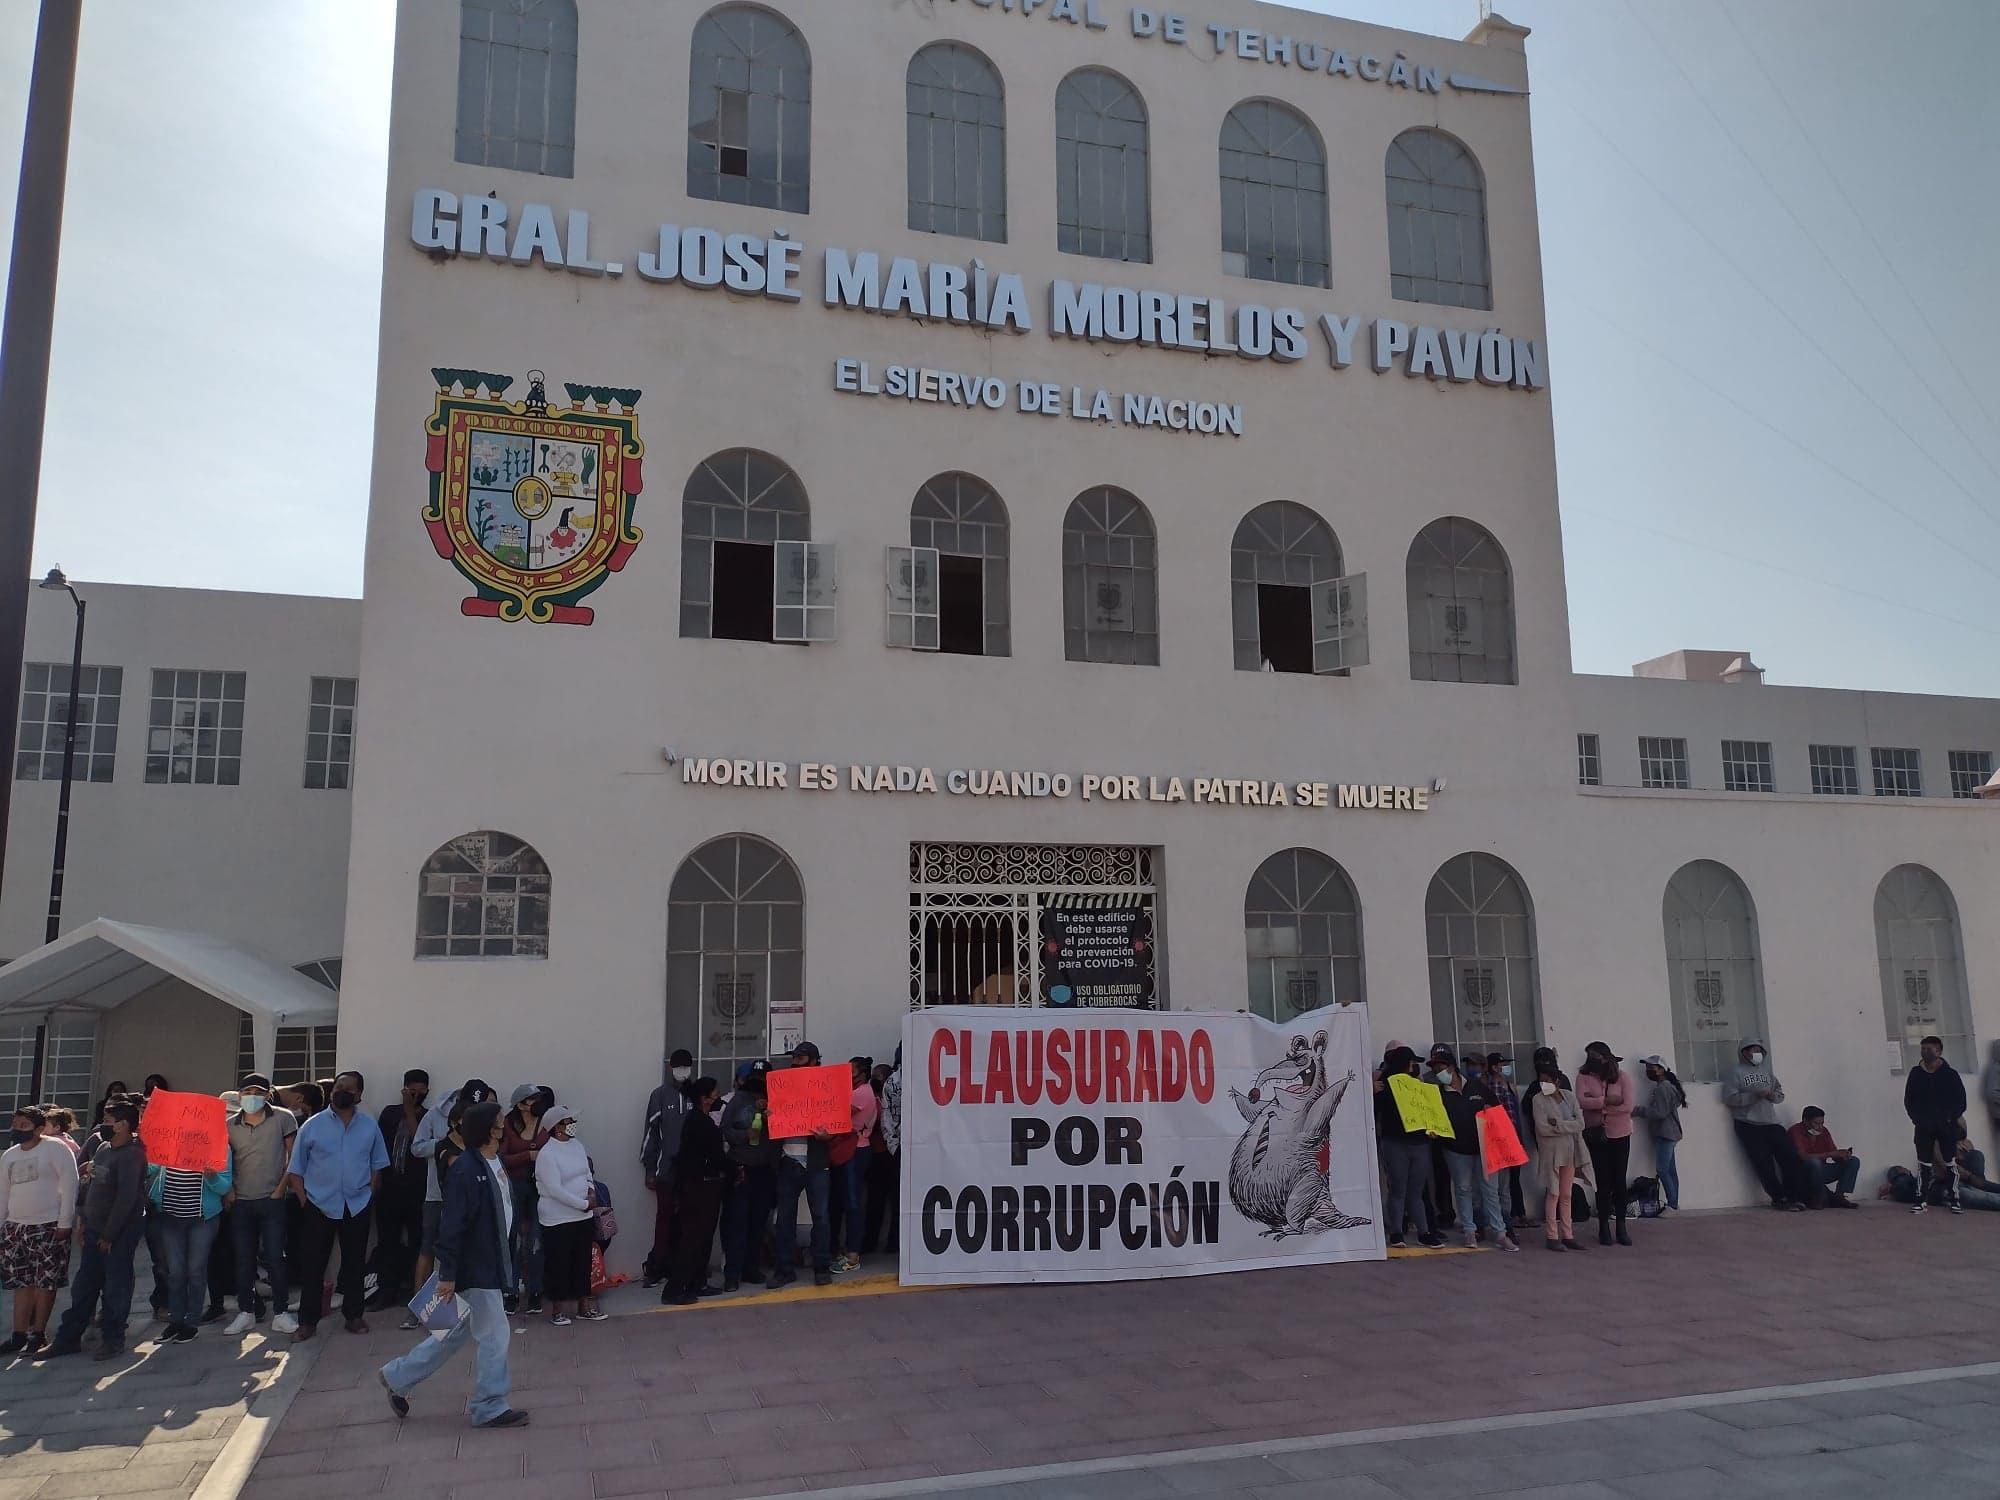 Ayuntamiento de Tehuacán podría denunciar a manifestantes por toma de edificio